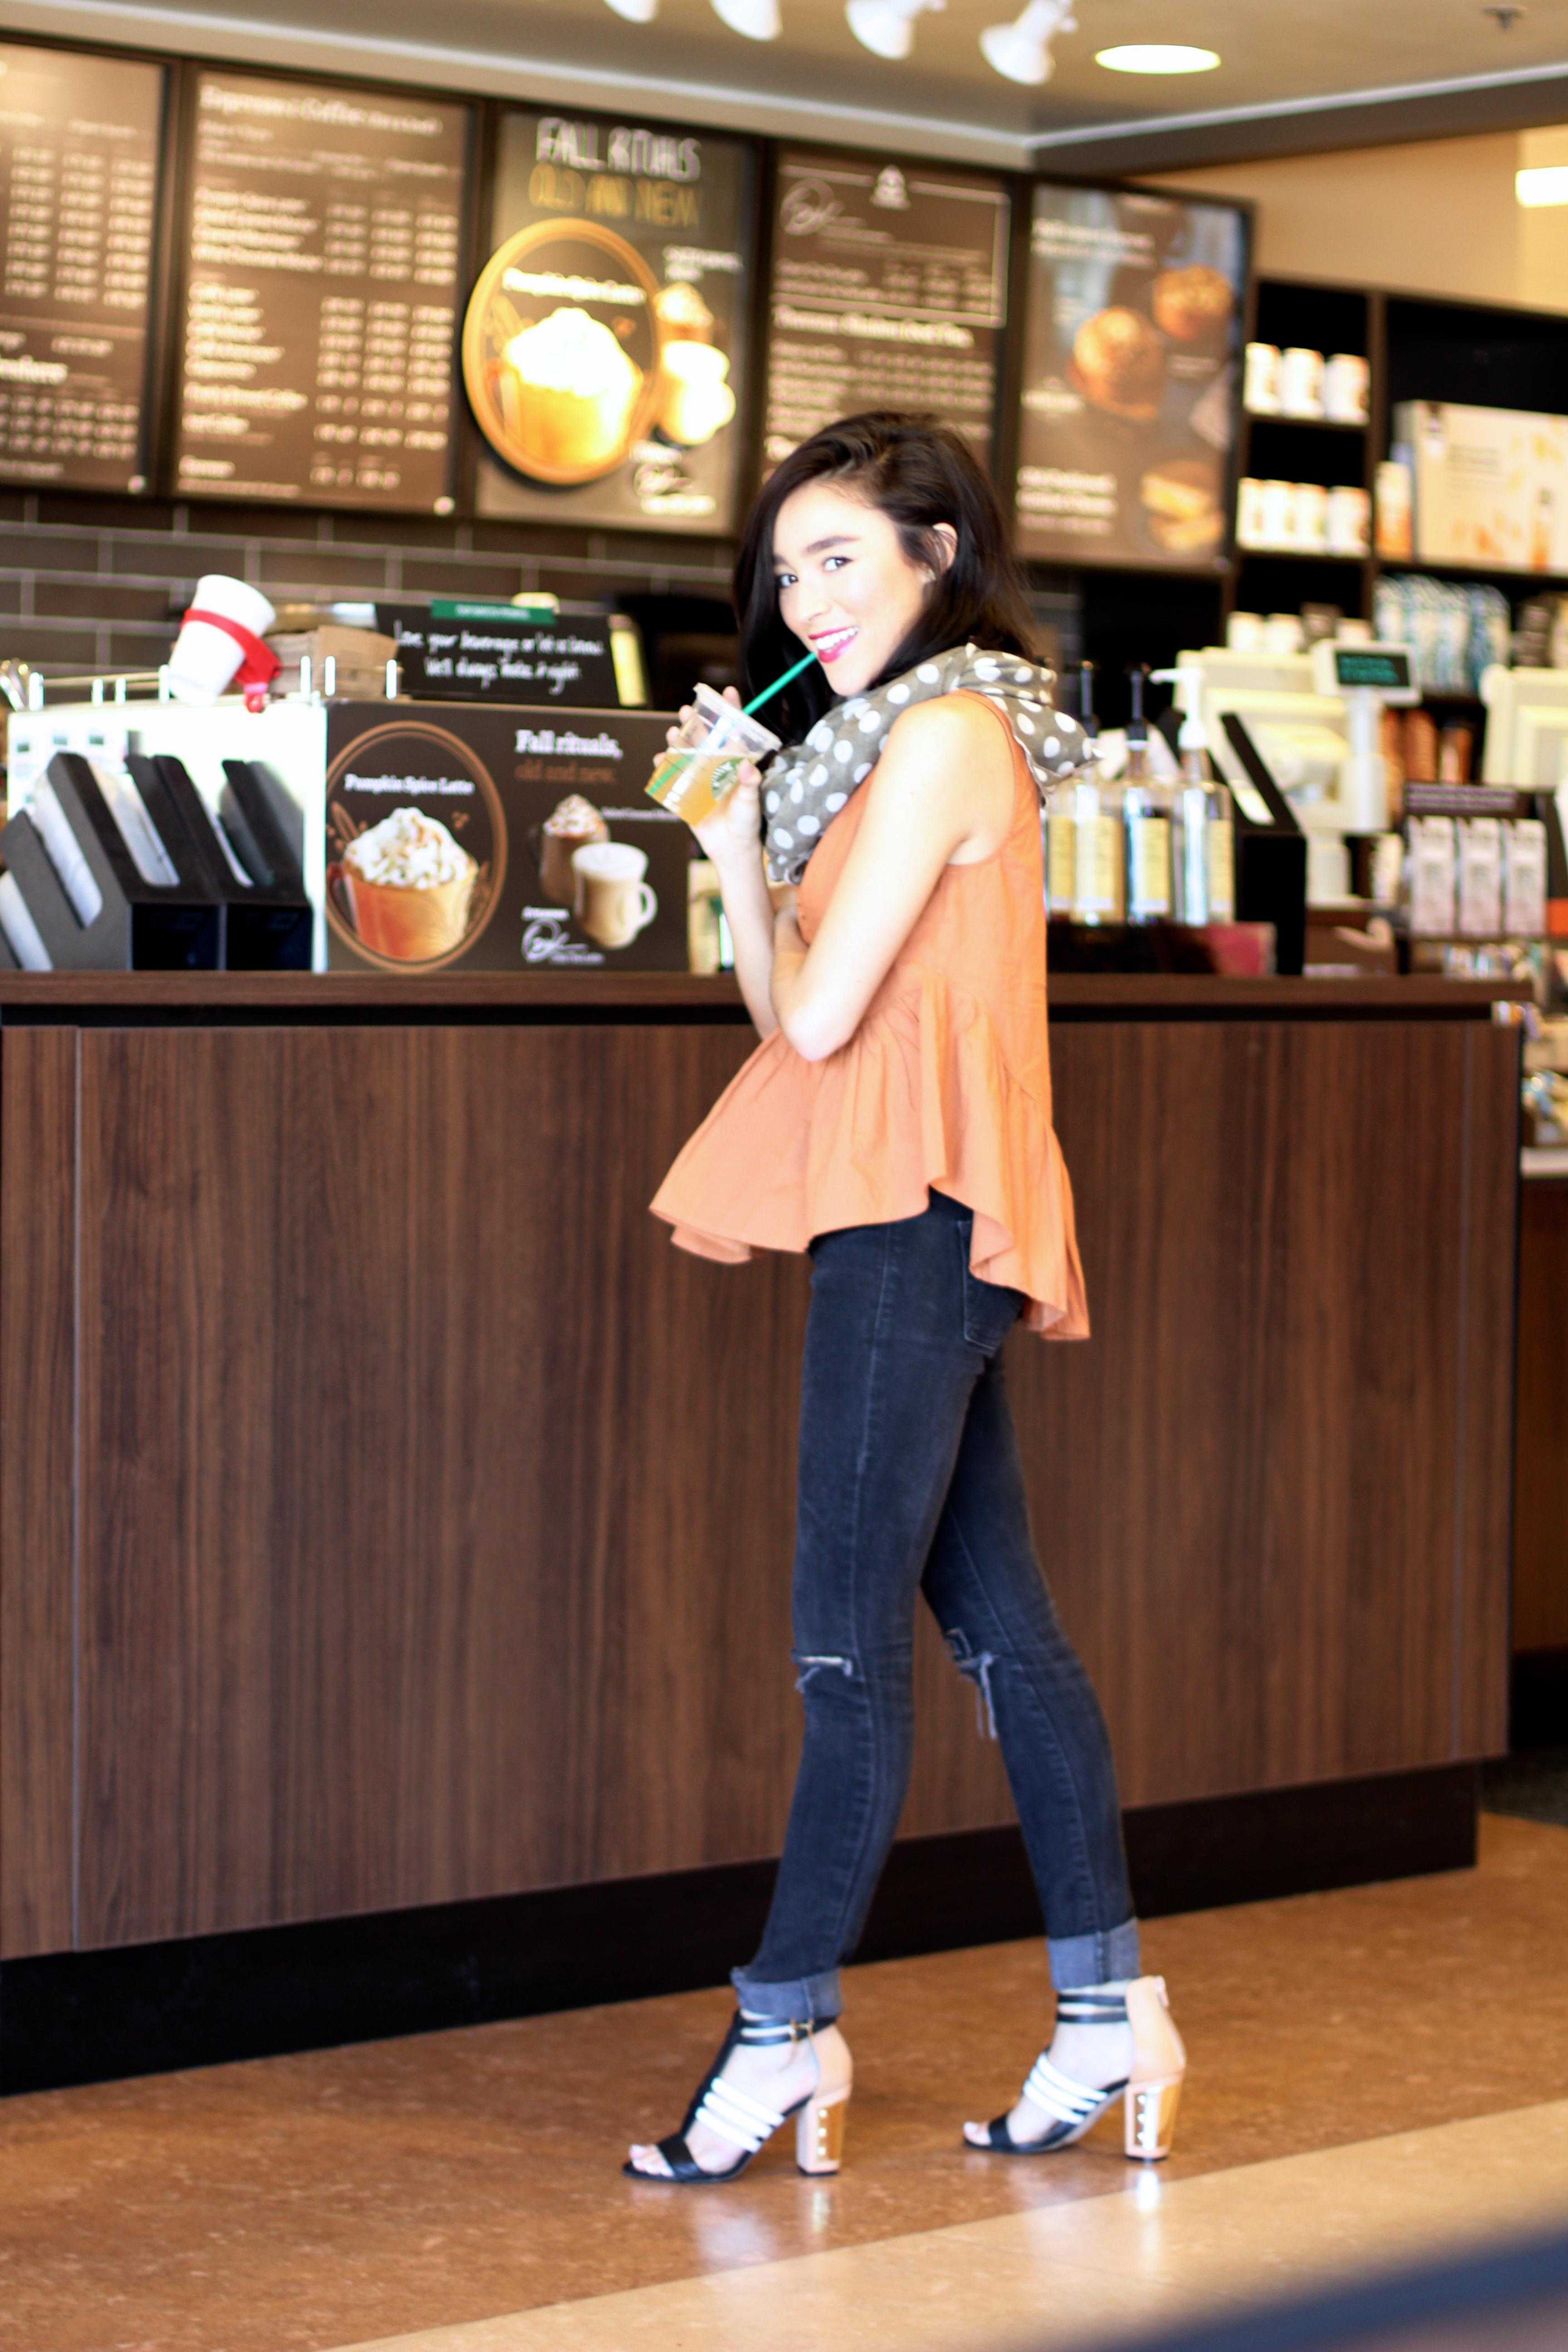 Starbucks politikk dating partnere